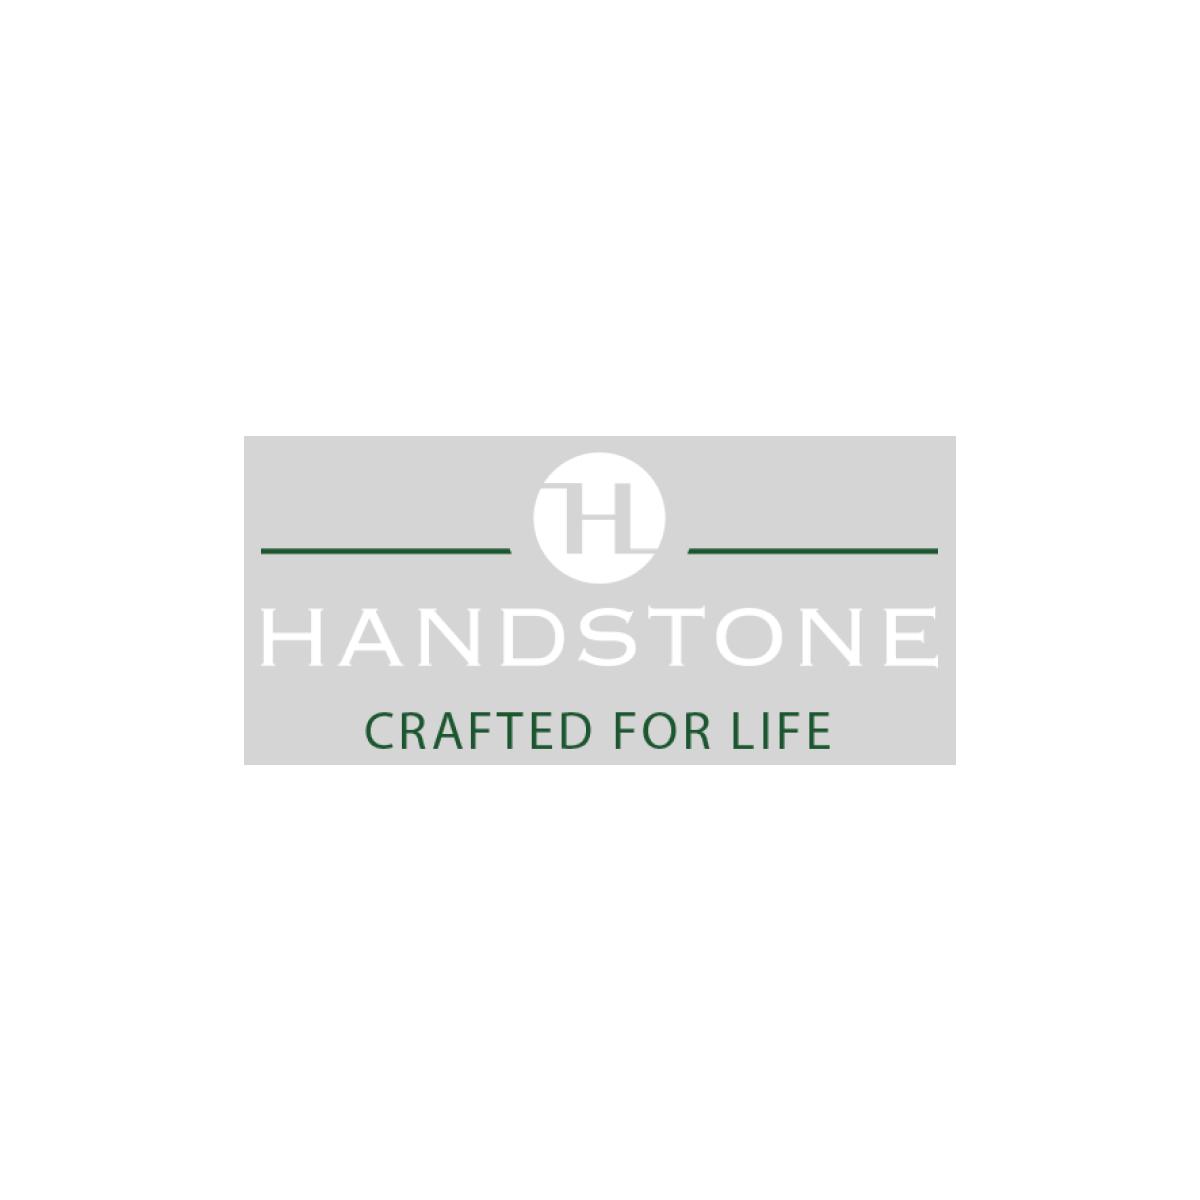 handstone